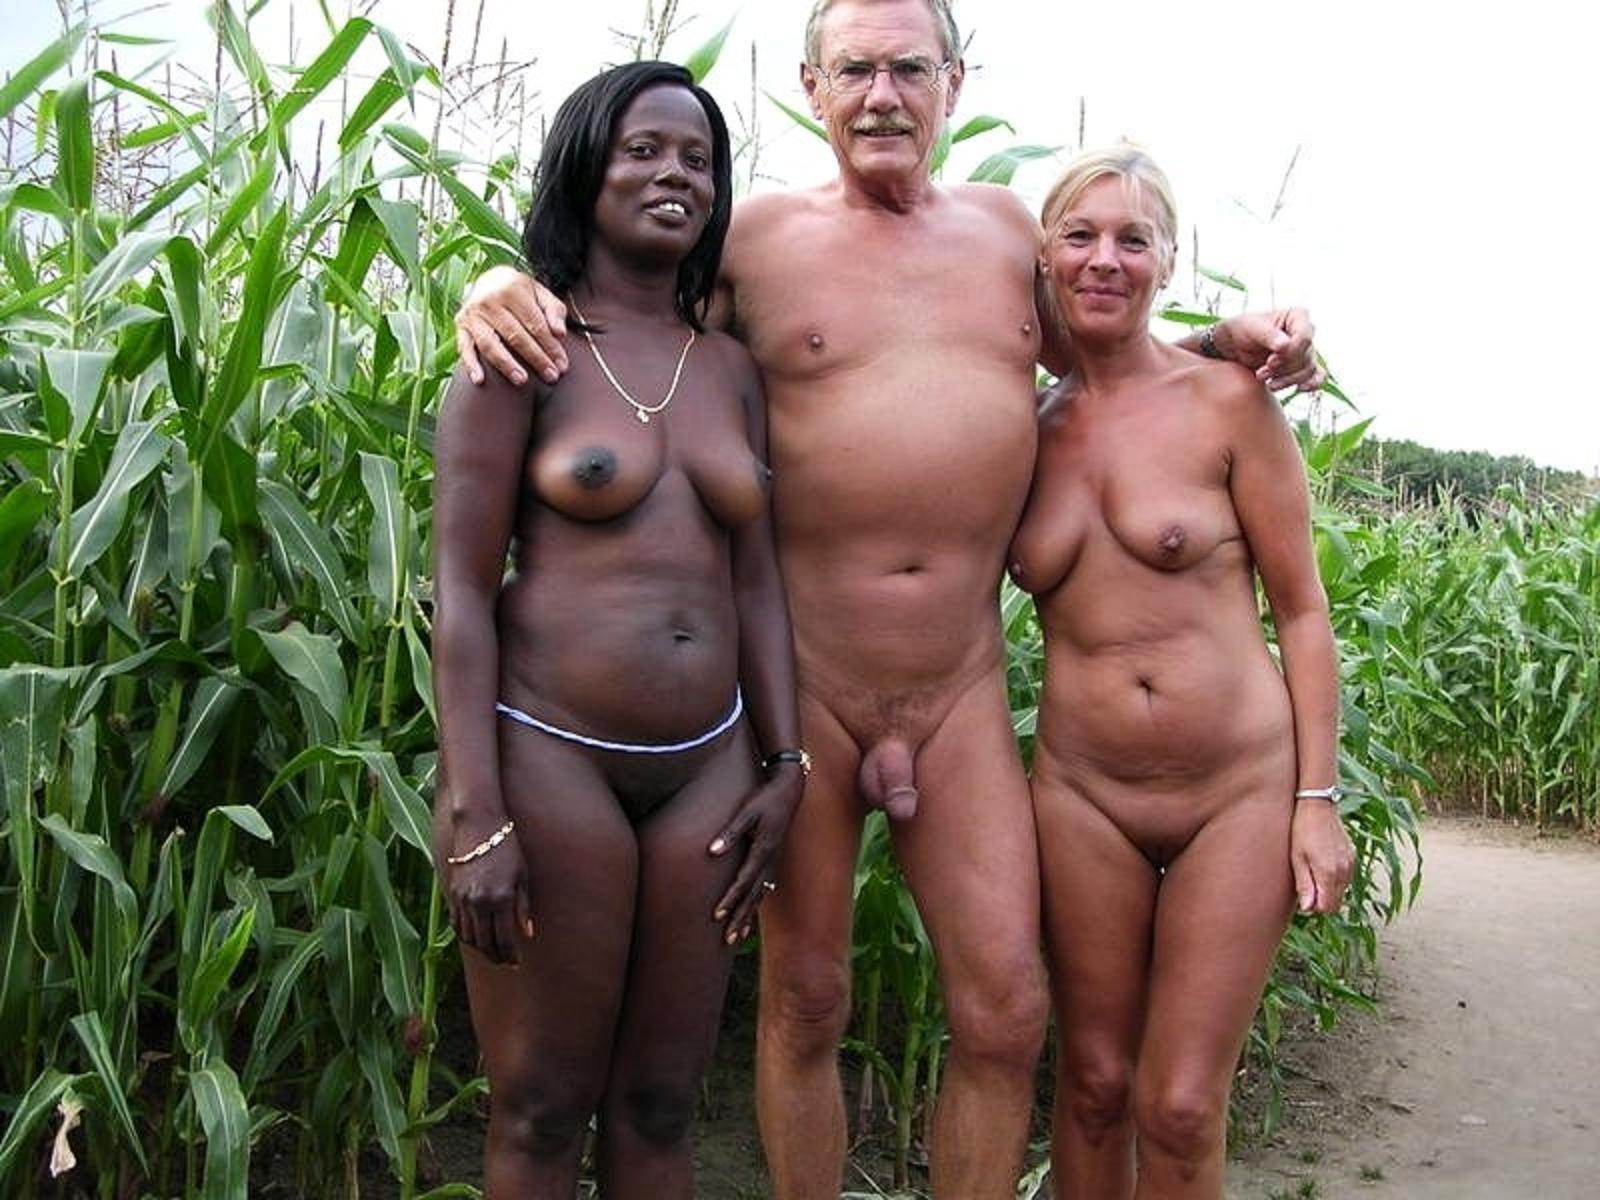 Семейные фото голыми, Голые семейные парыфото девушек и парней 9 фотография